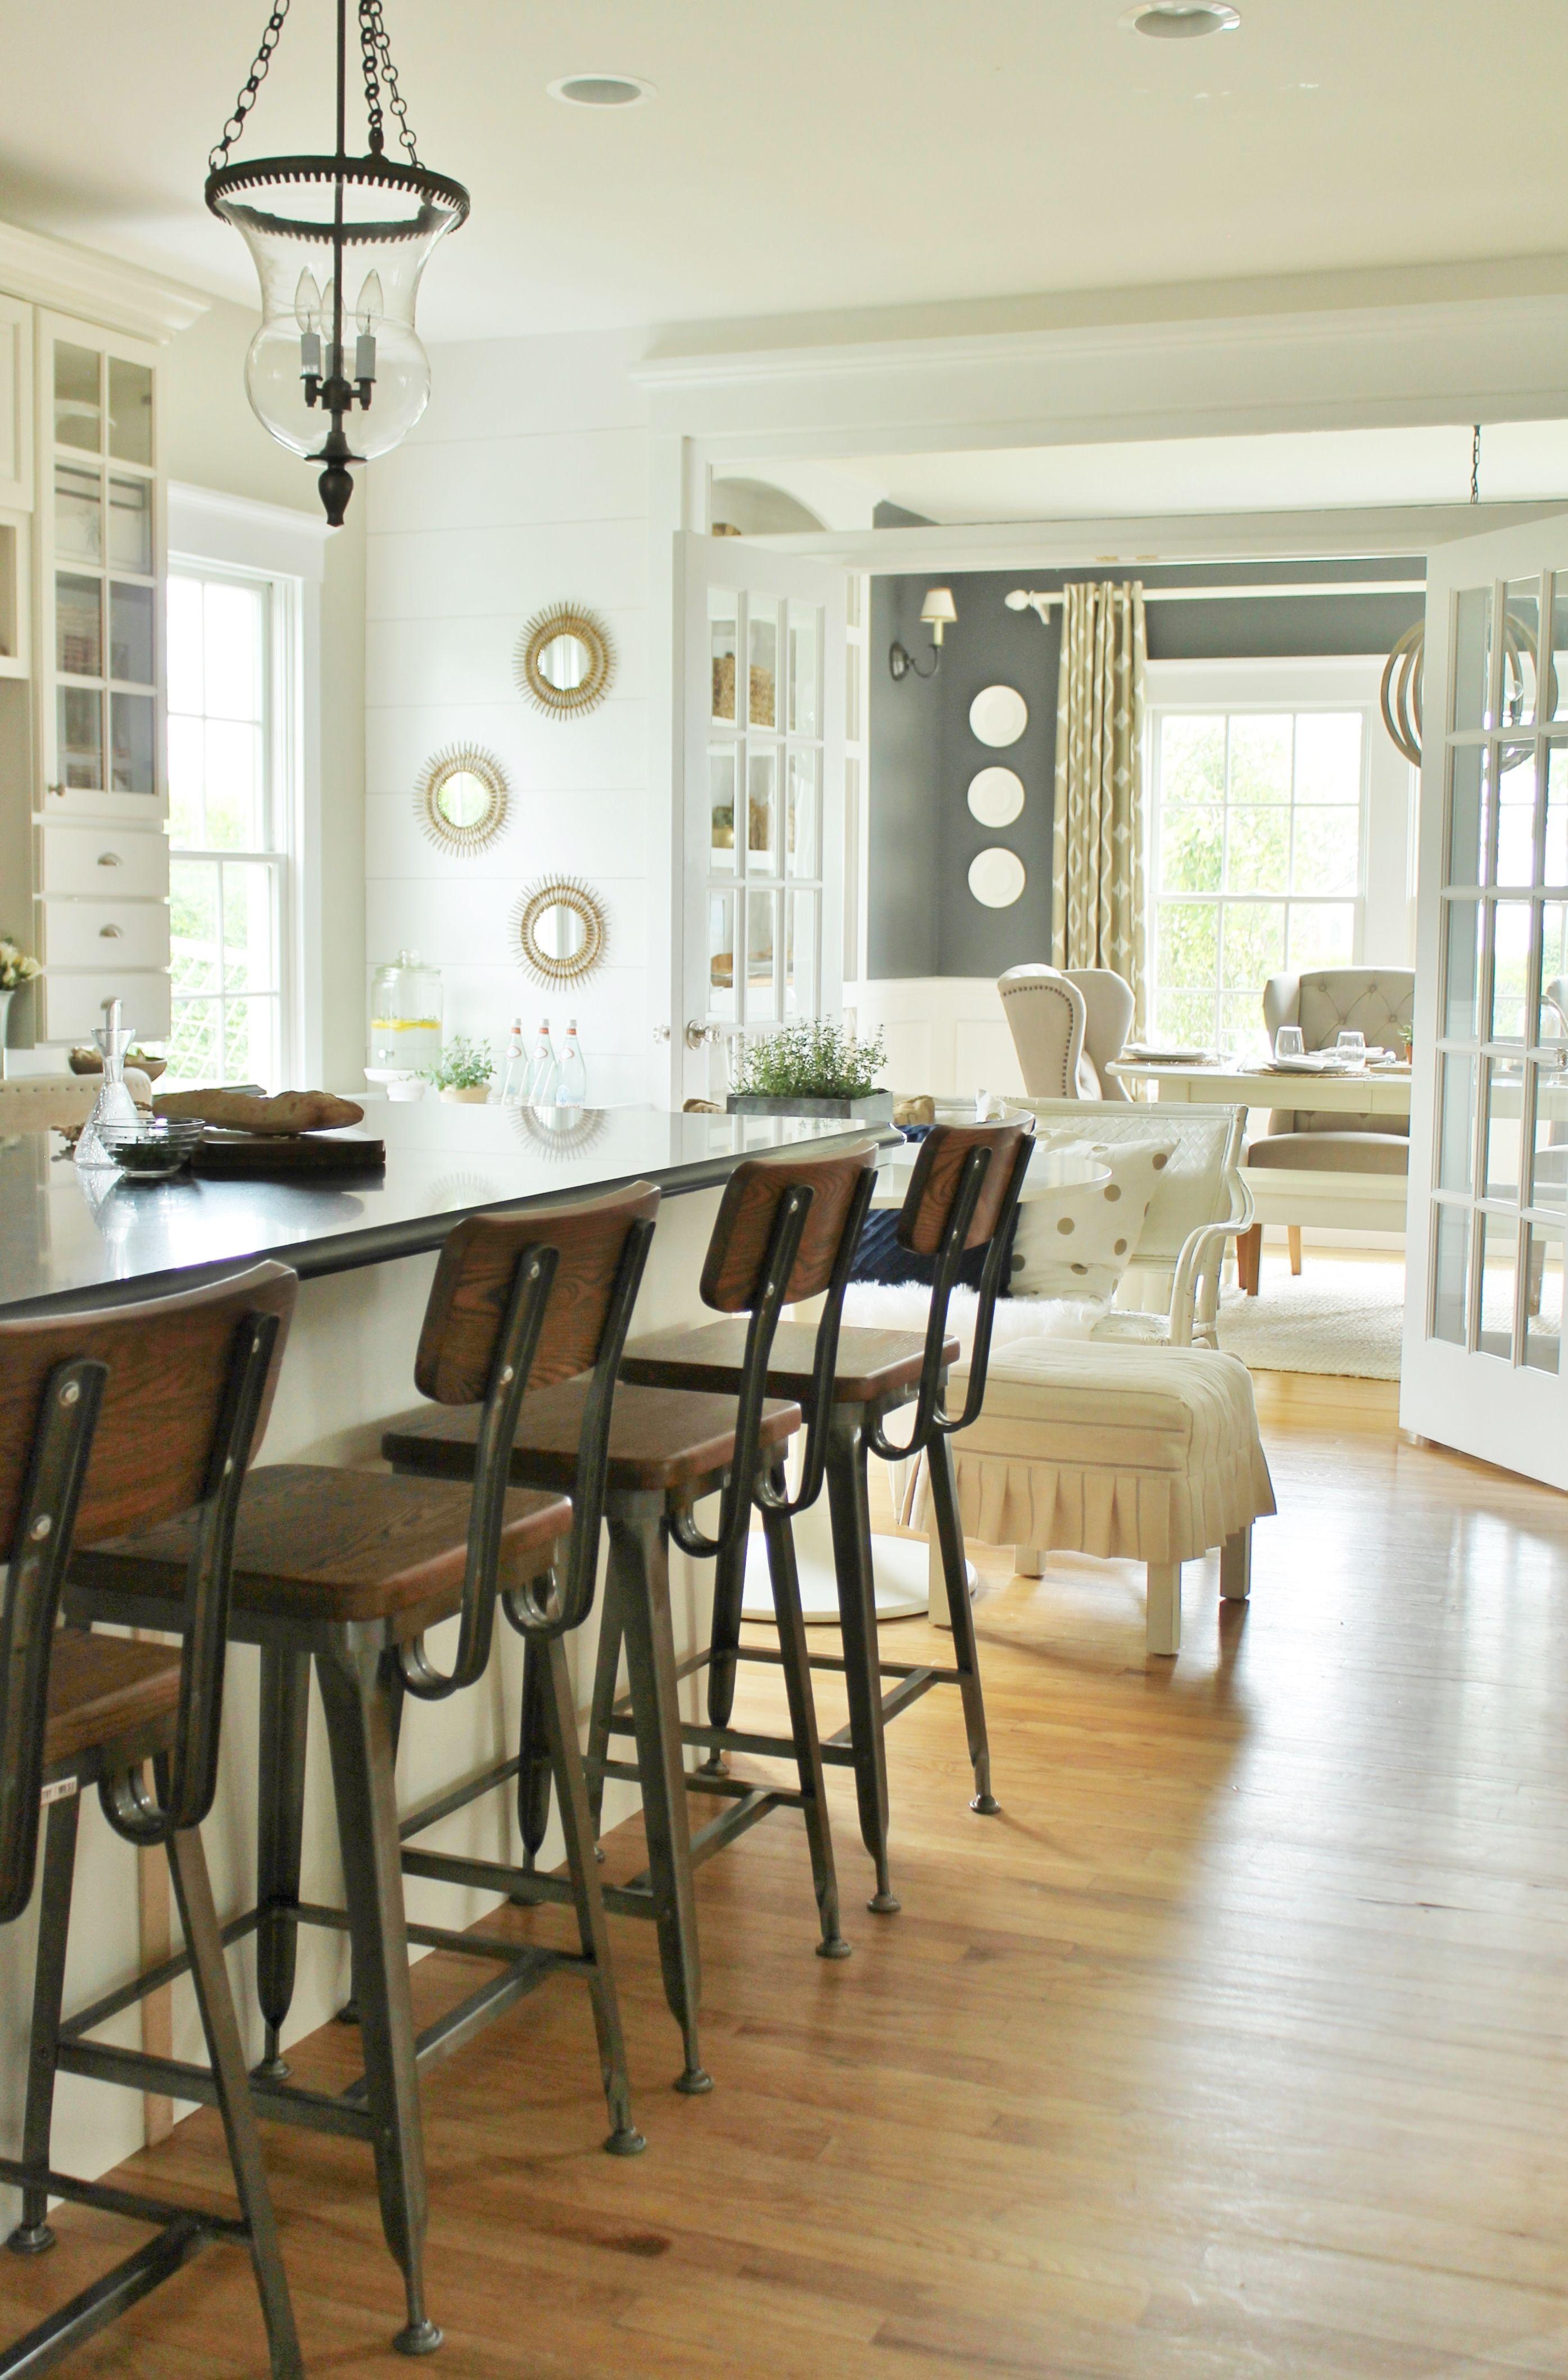 Modern Farmhouse Kitchen Google Search Farmhouse Kitchen Decor Kitchen Bar Stools